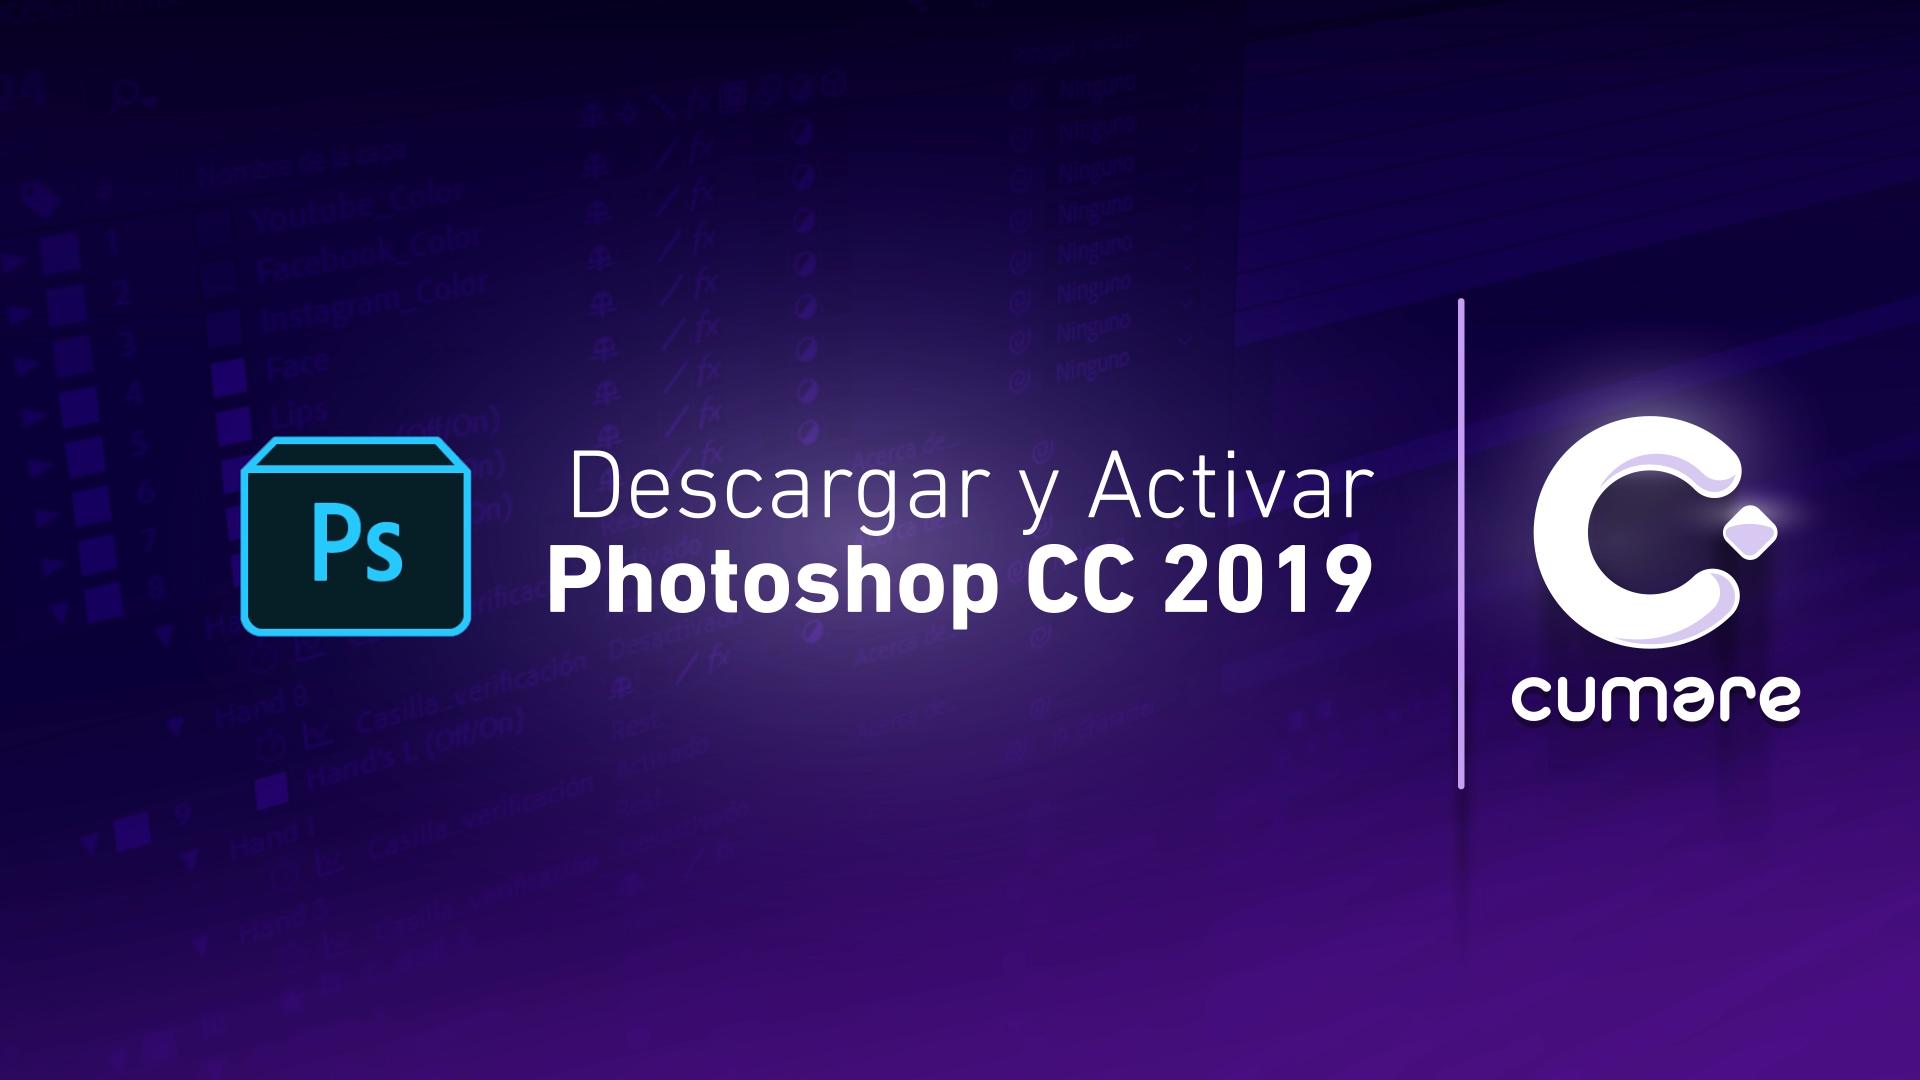 descargar e instalar adobe photoshop cc 2019 gratis